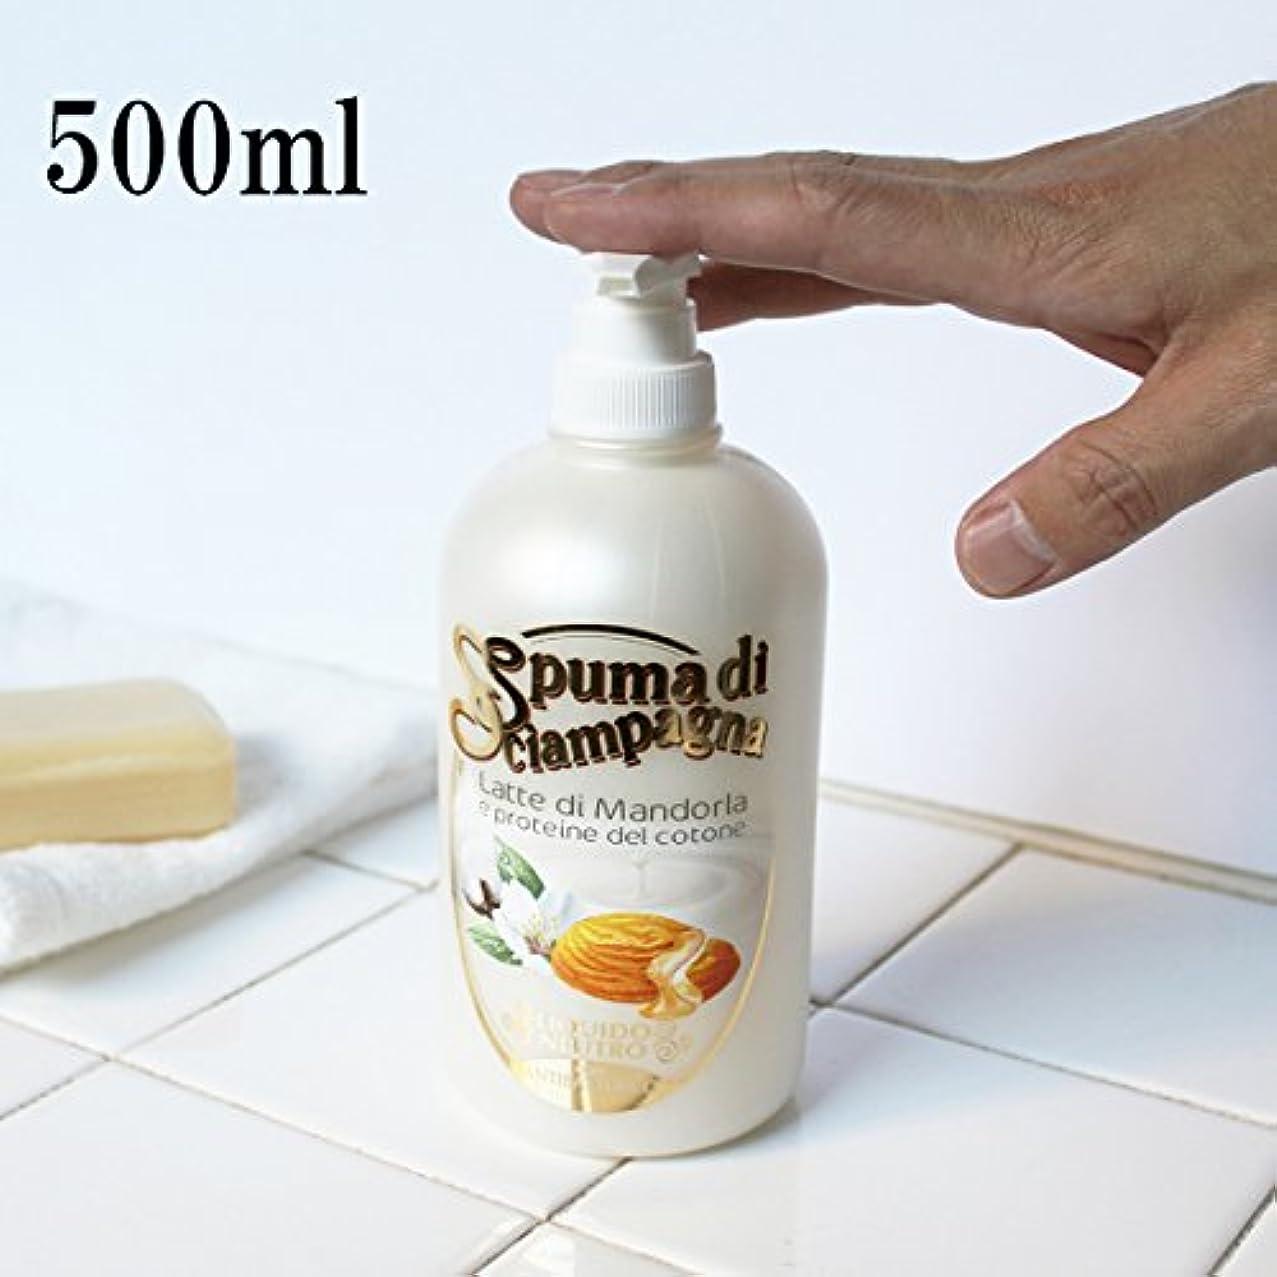 暴露する君主撤退Spuma di Sciampagna (スプーマ ディ シャンパーニャ) リキッドソープ 500ml アーモンドの香り